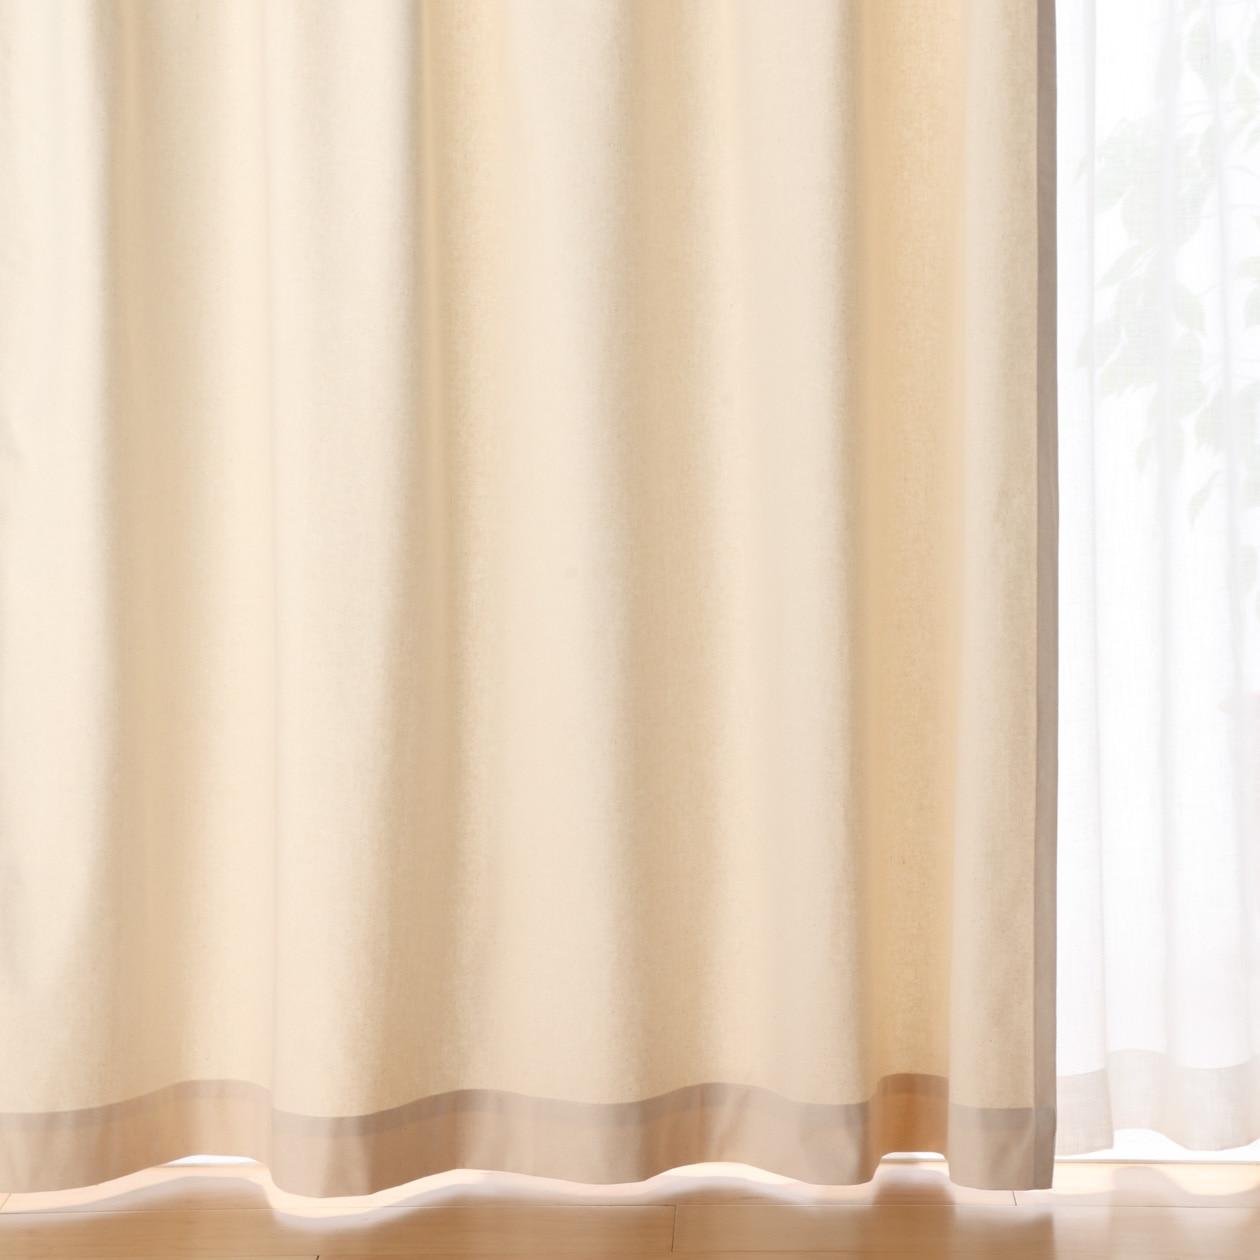 綿帆布プリーツカーテン/生成